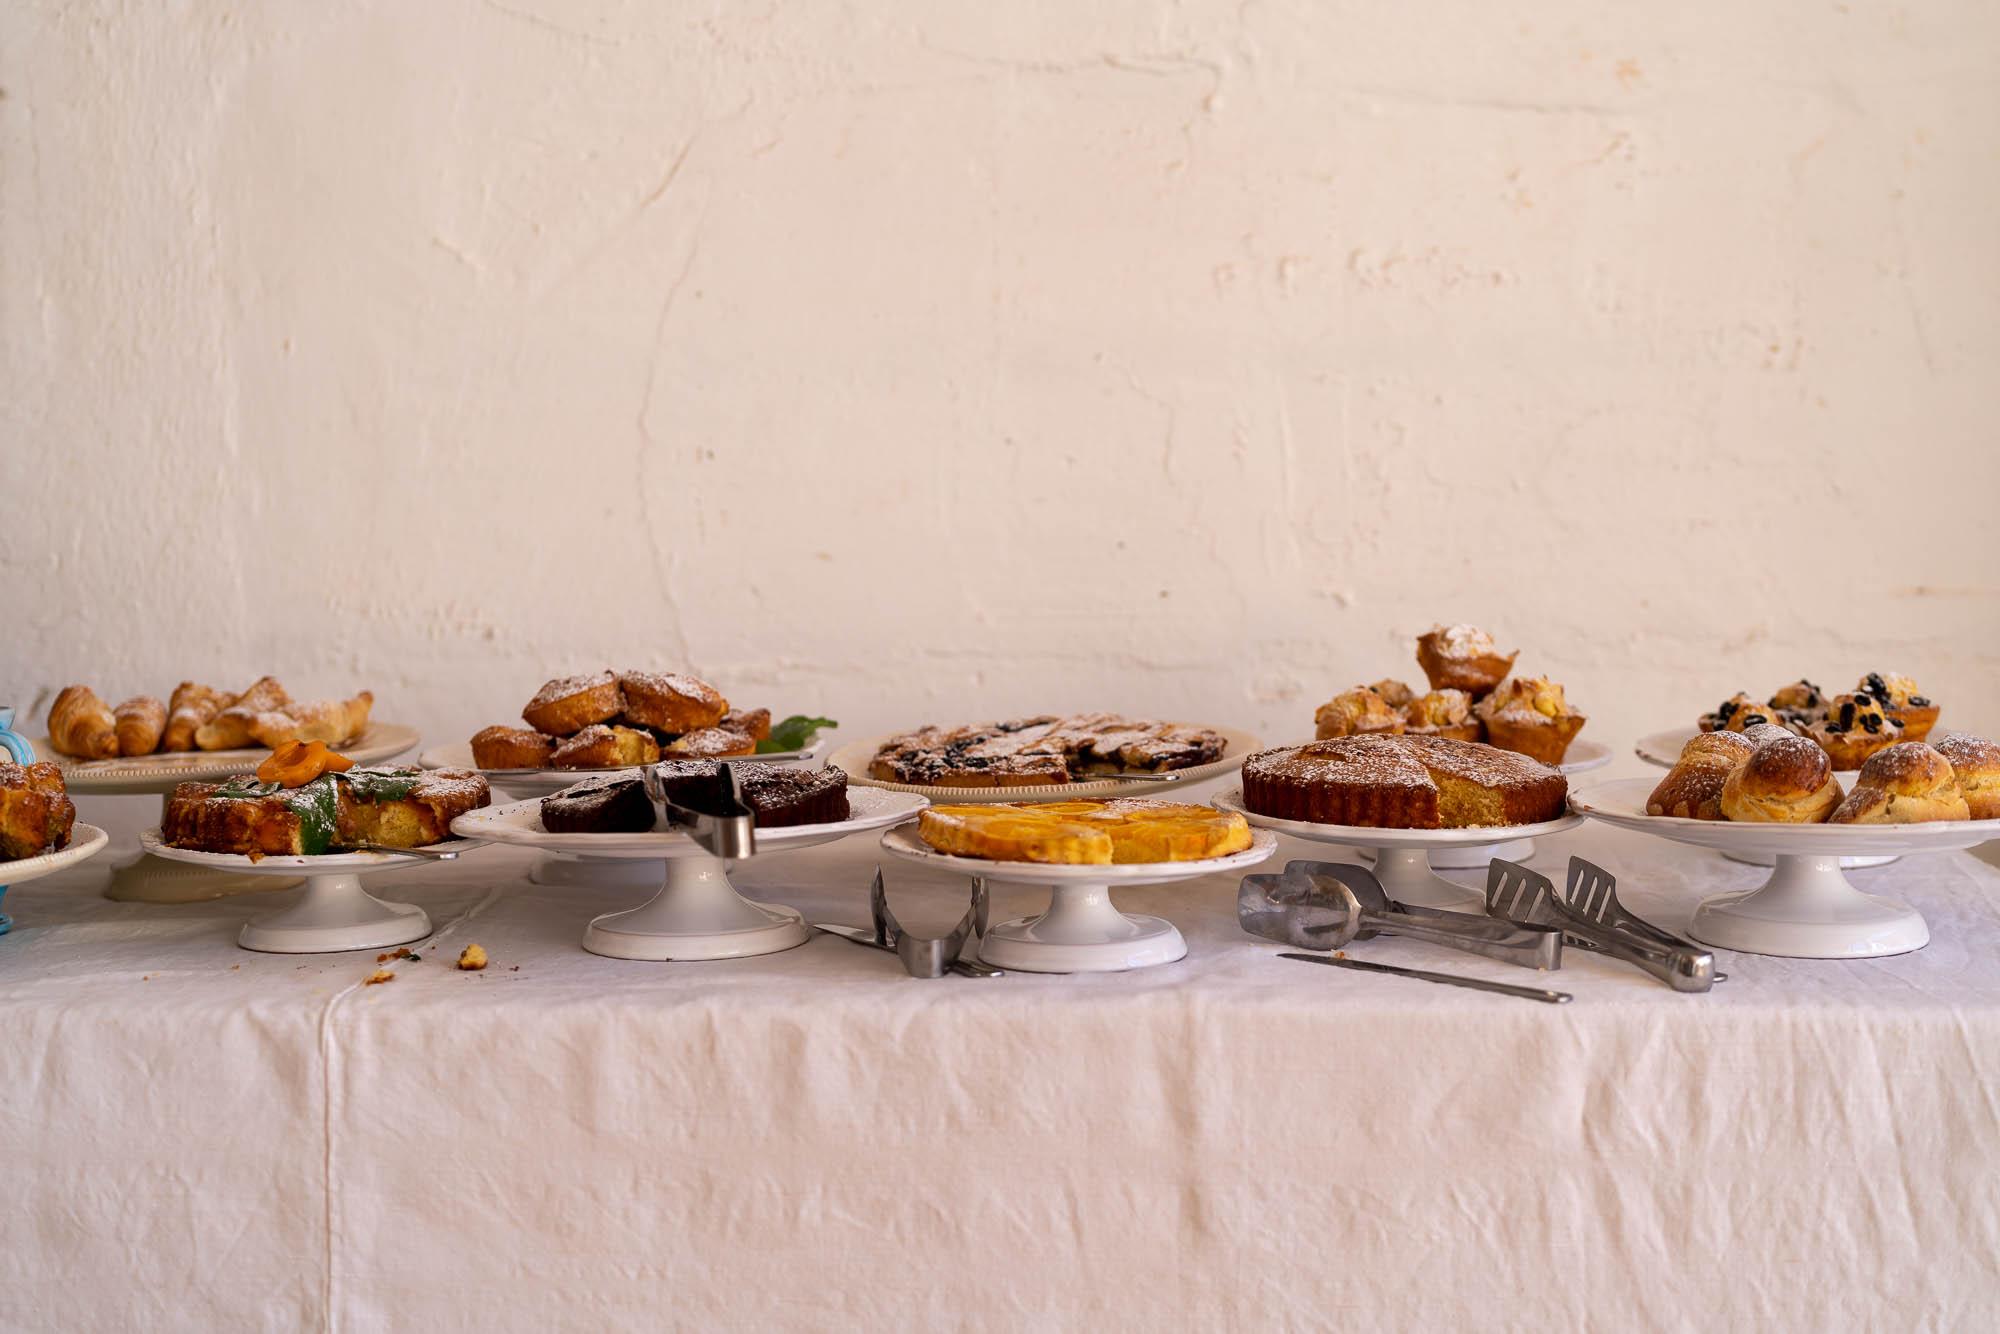 The Breakfast Table, Masseria Potenti, Mandura, Puglia